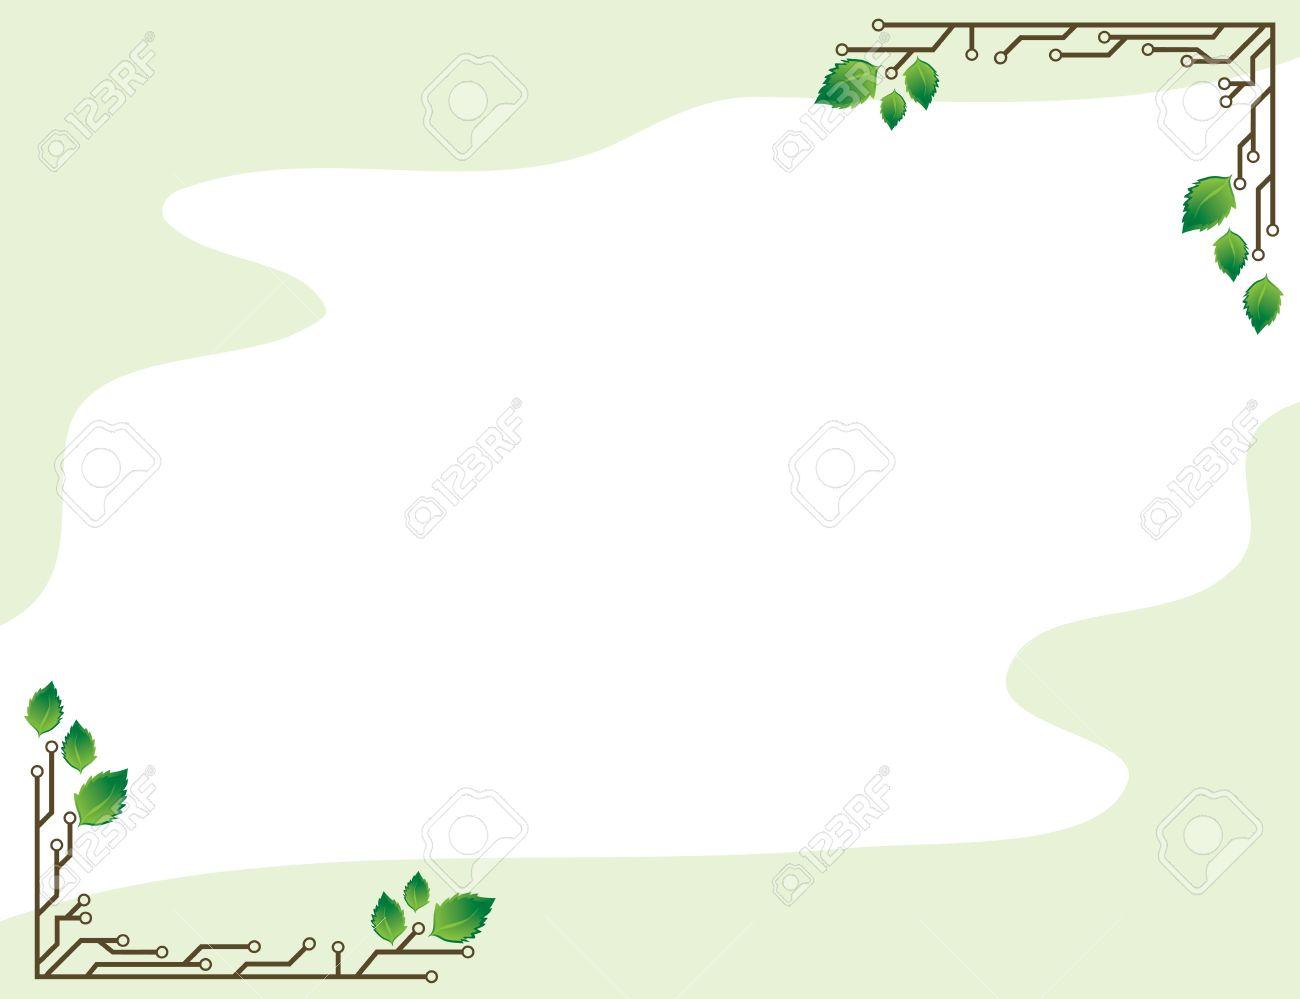 Un Marco De Fondo Verde Claro Con Hojas De Abedul Y Circuitos ...